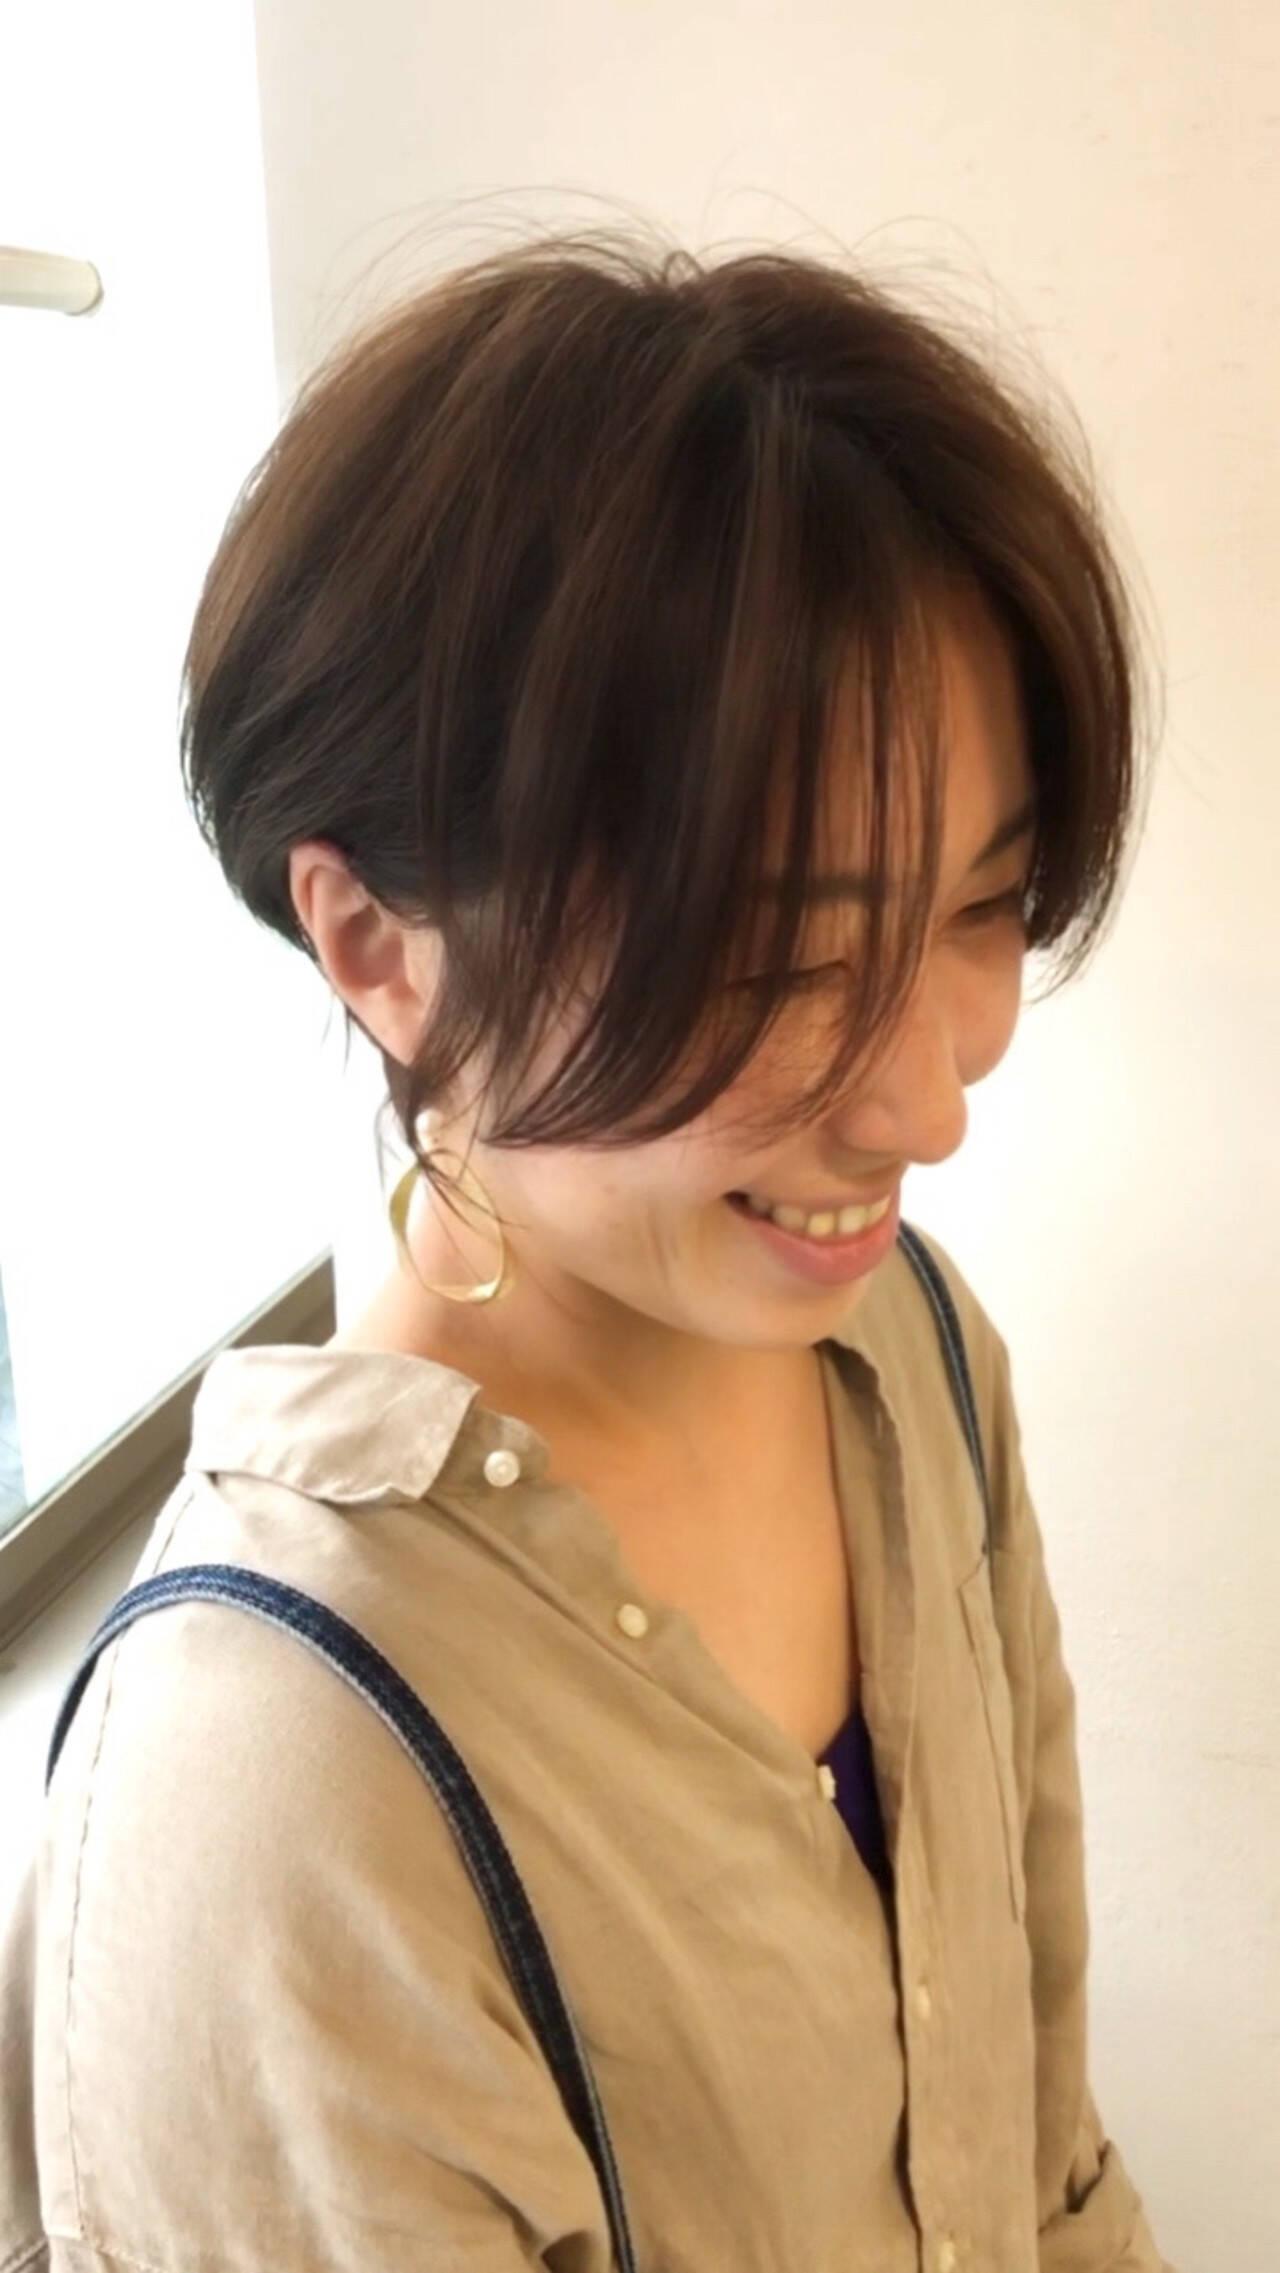 うざバング 大人かわいい ショートヘア ベリーショートヘアスタイルや髪型の写真・画像